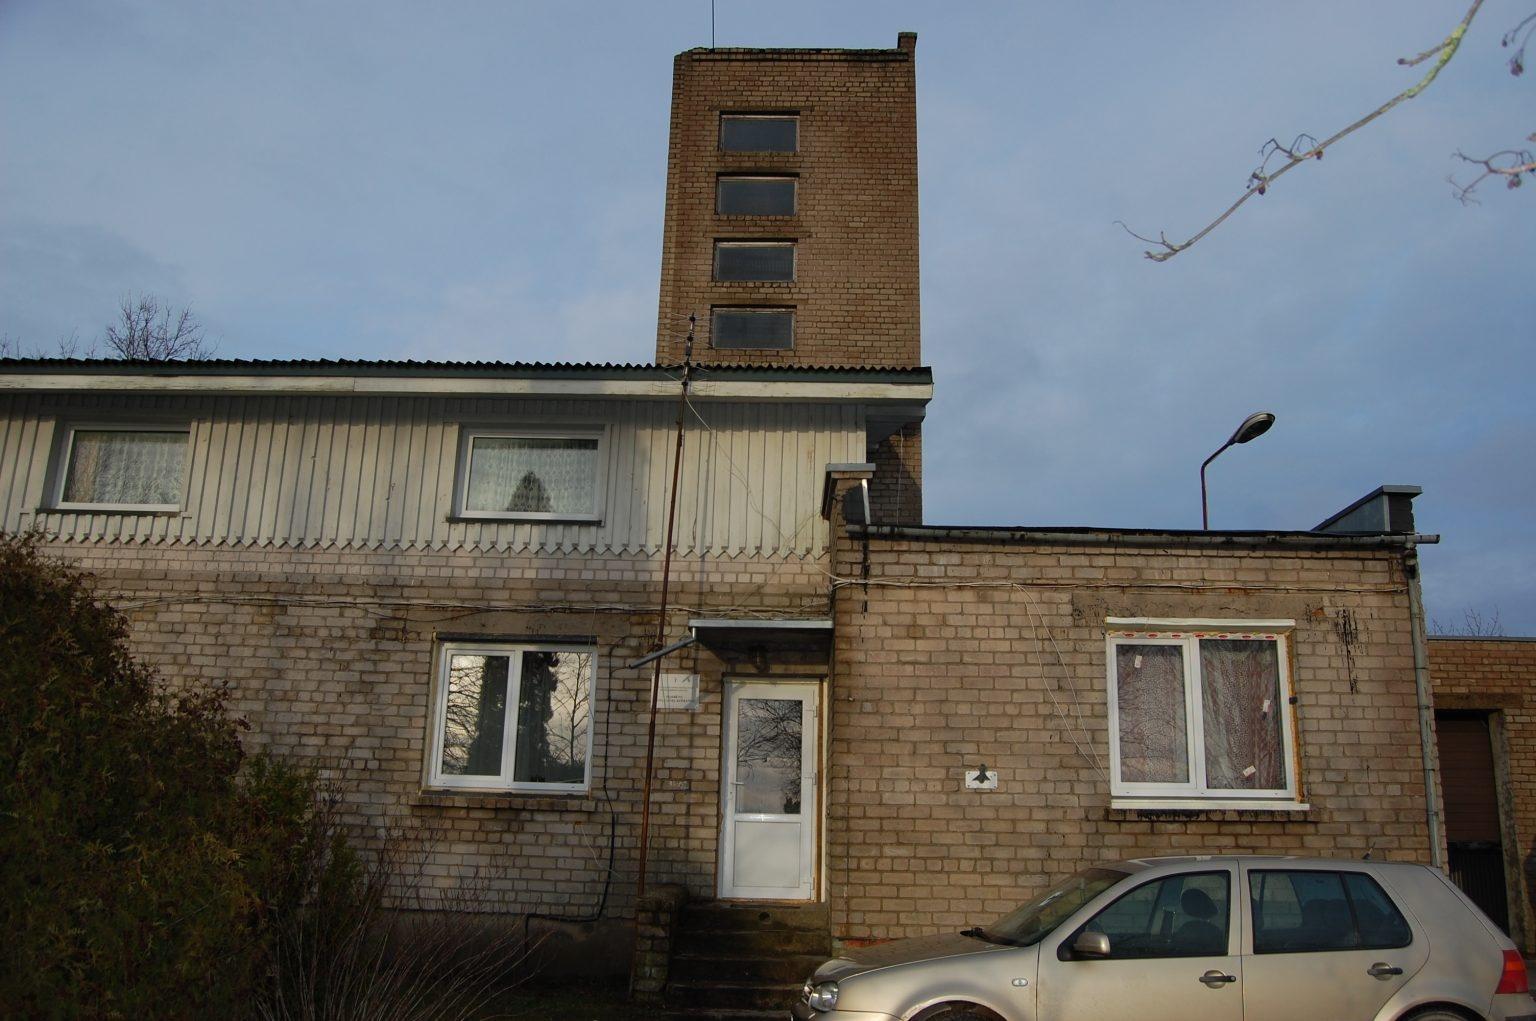 Darbėnų ugniagesiai turi saugotis pastato bokšto